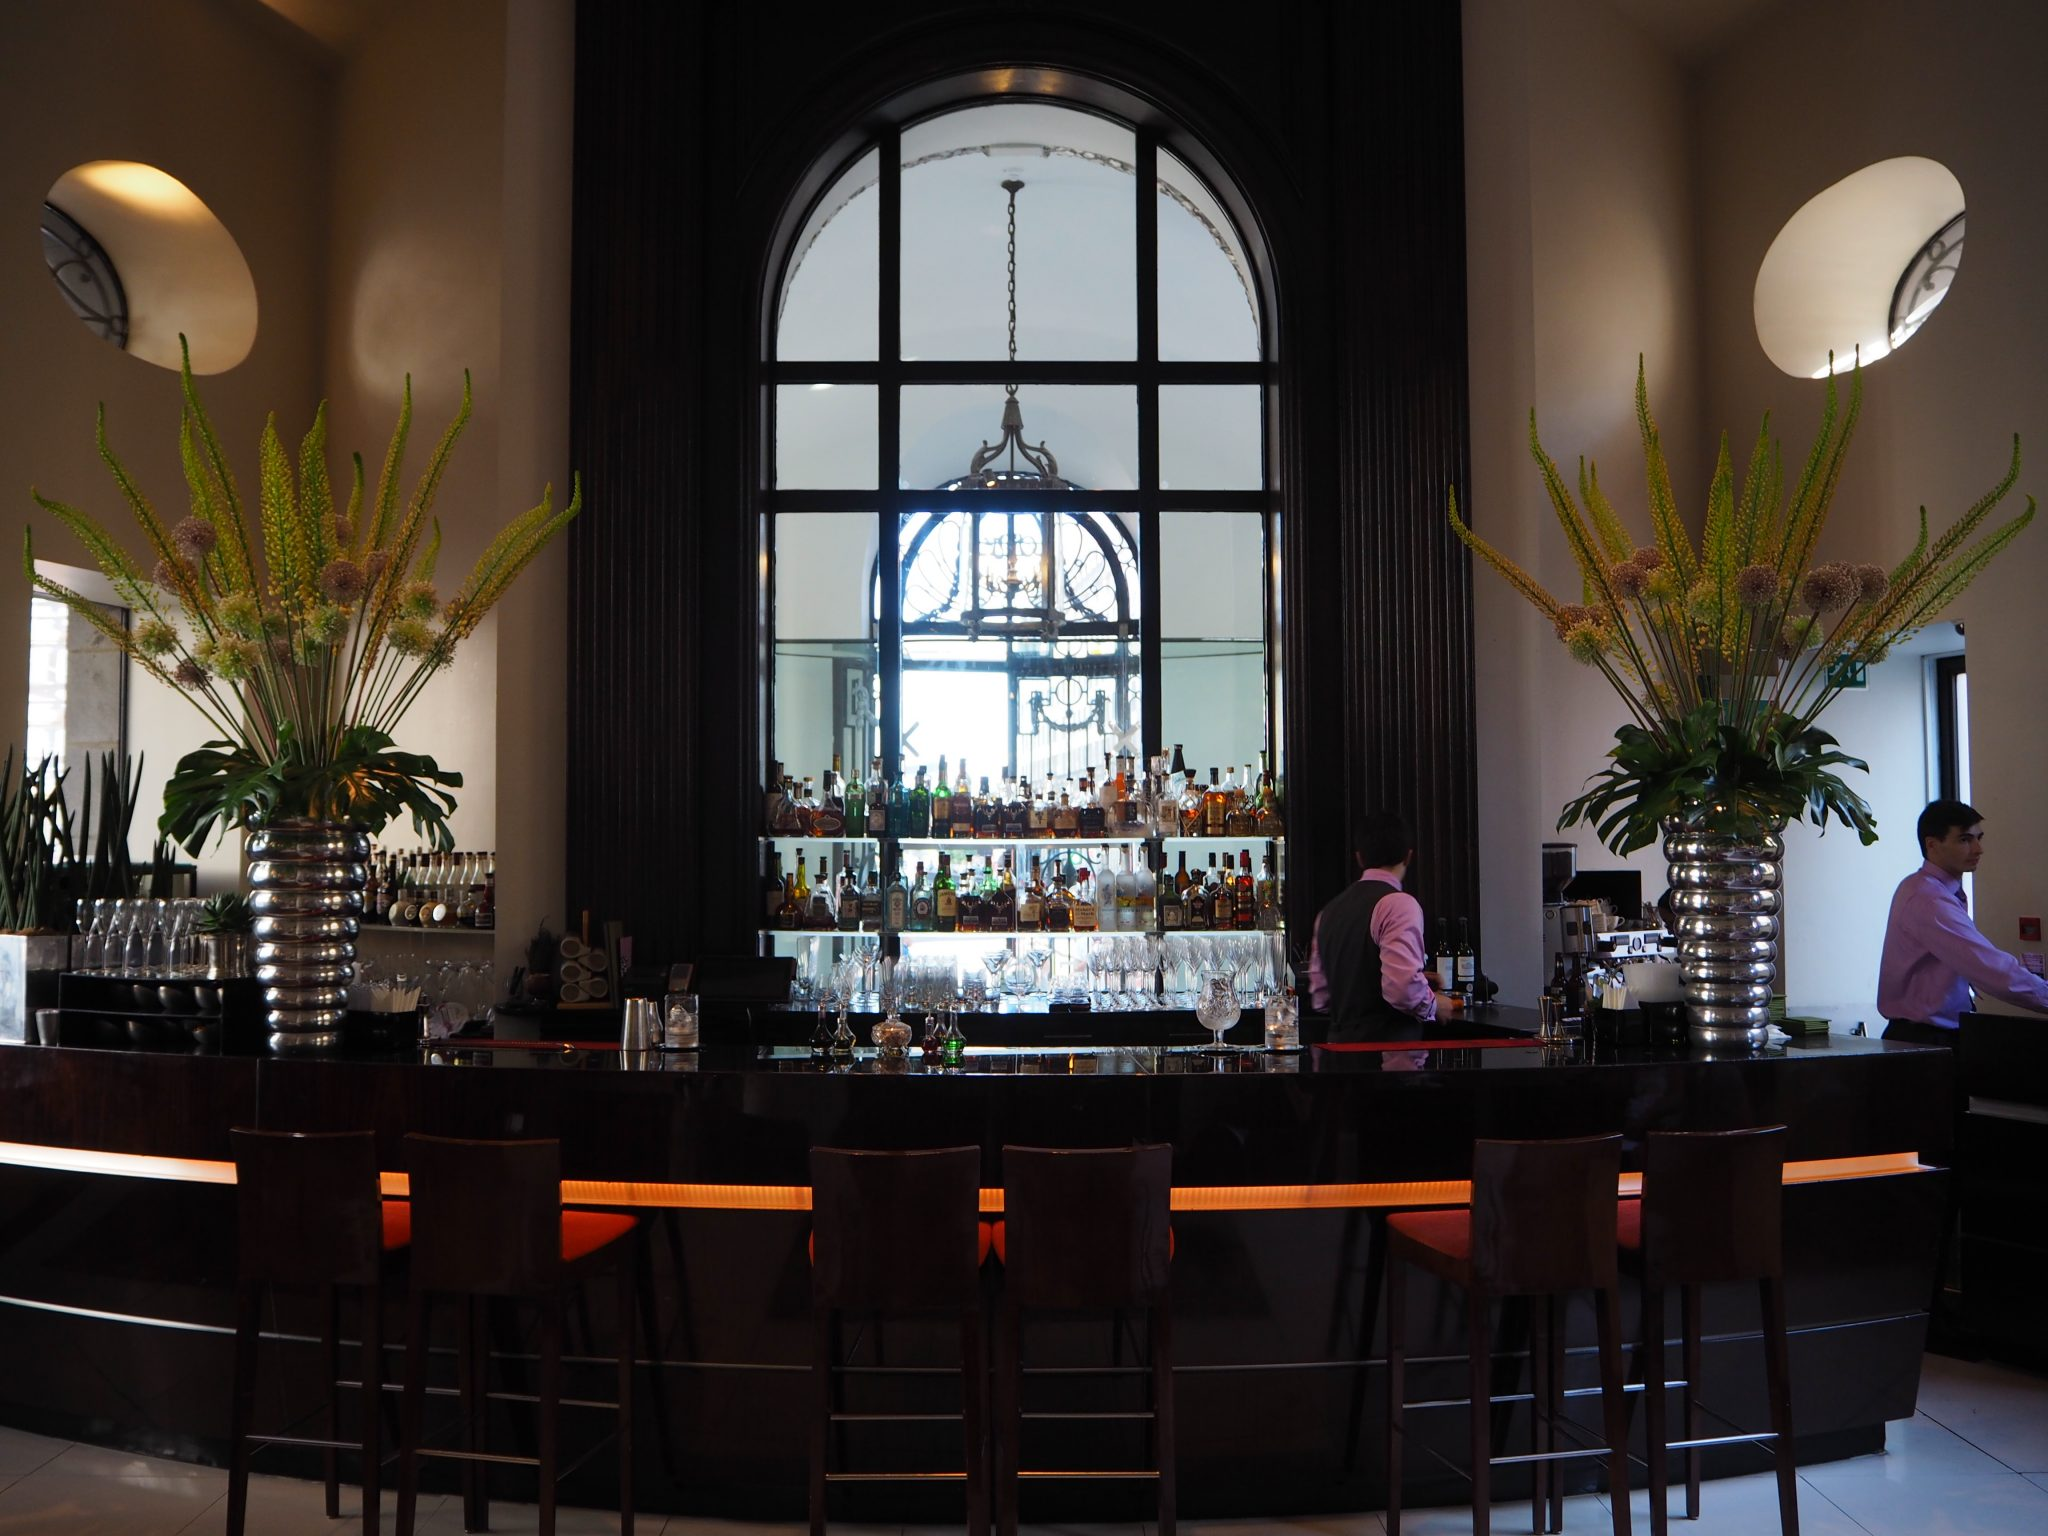 The One Aldwych Hotel Lobby Bar, London